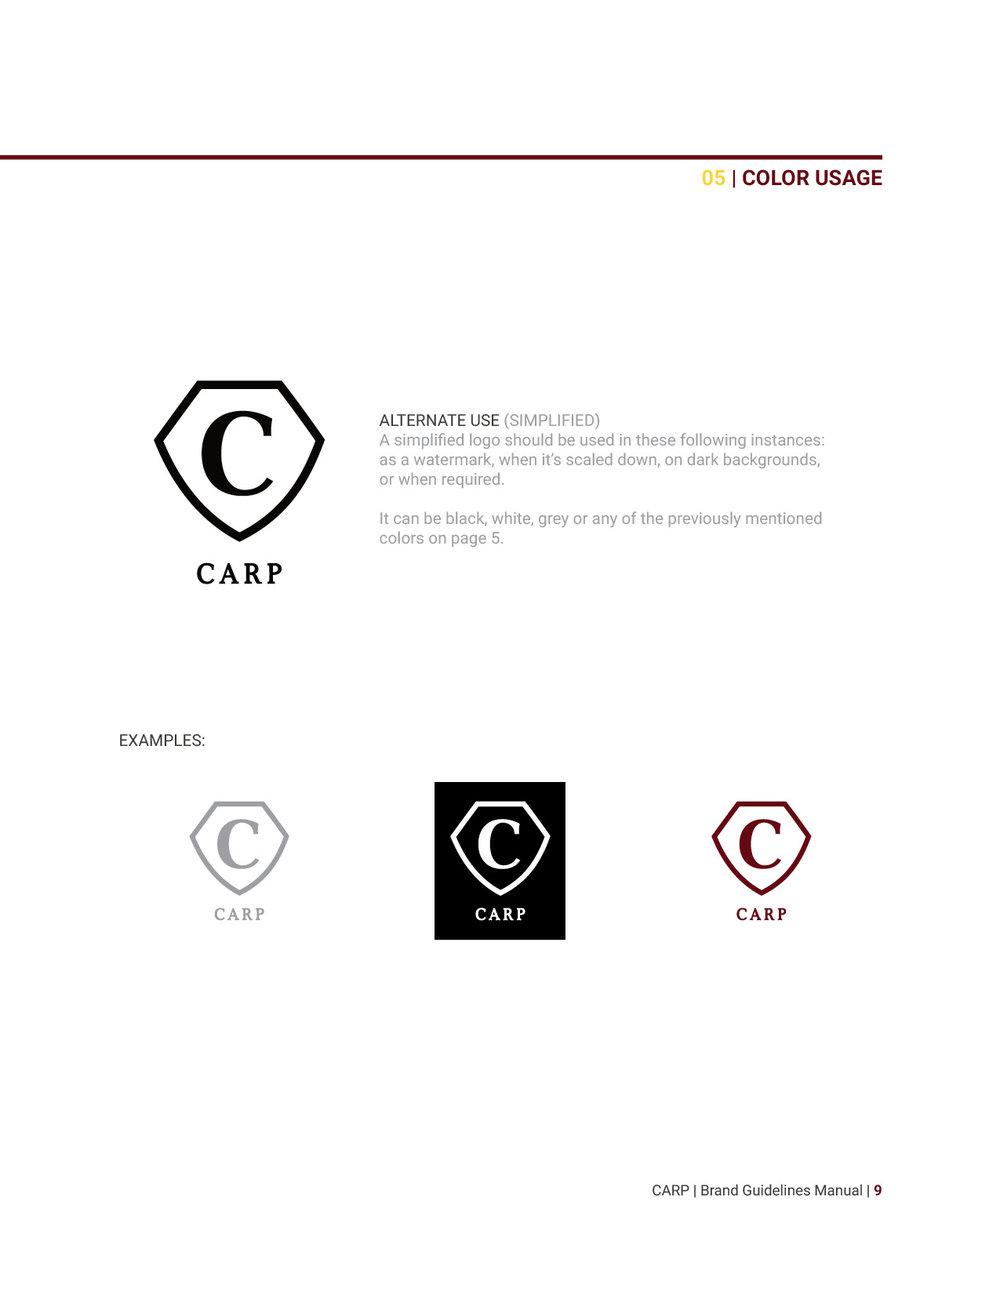 CARP_brand_guidelines_19.jpg